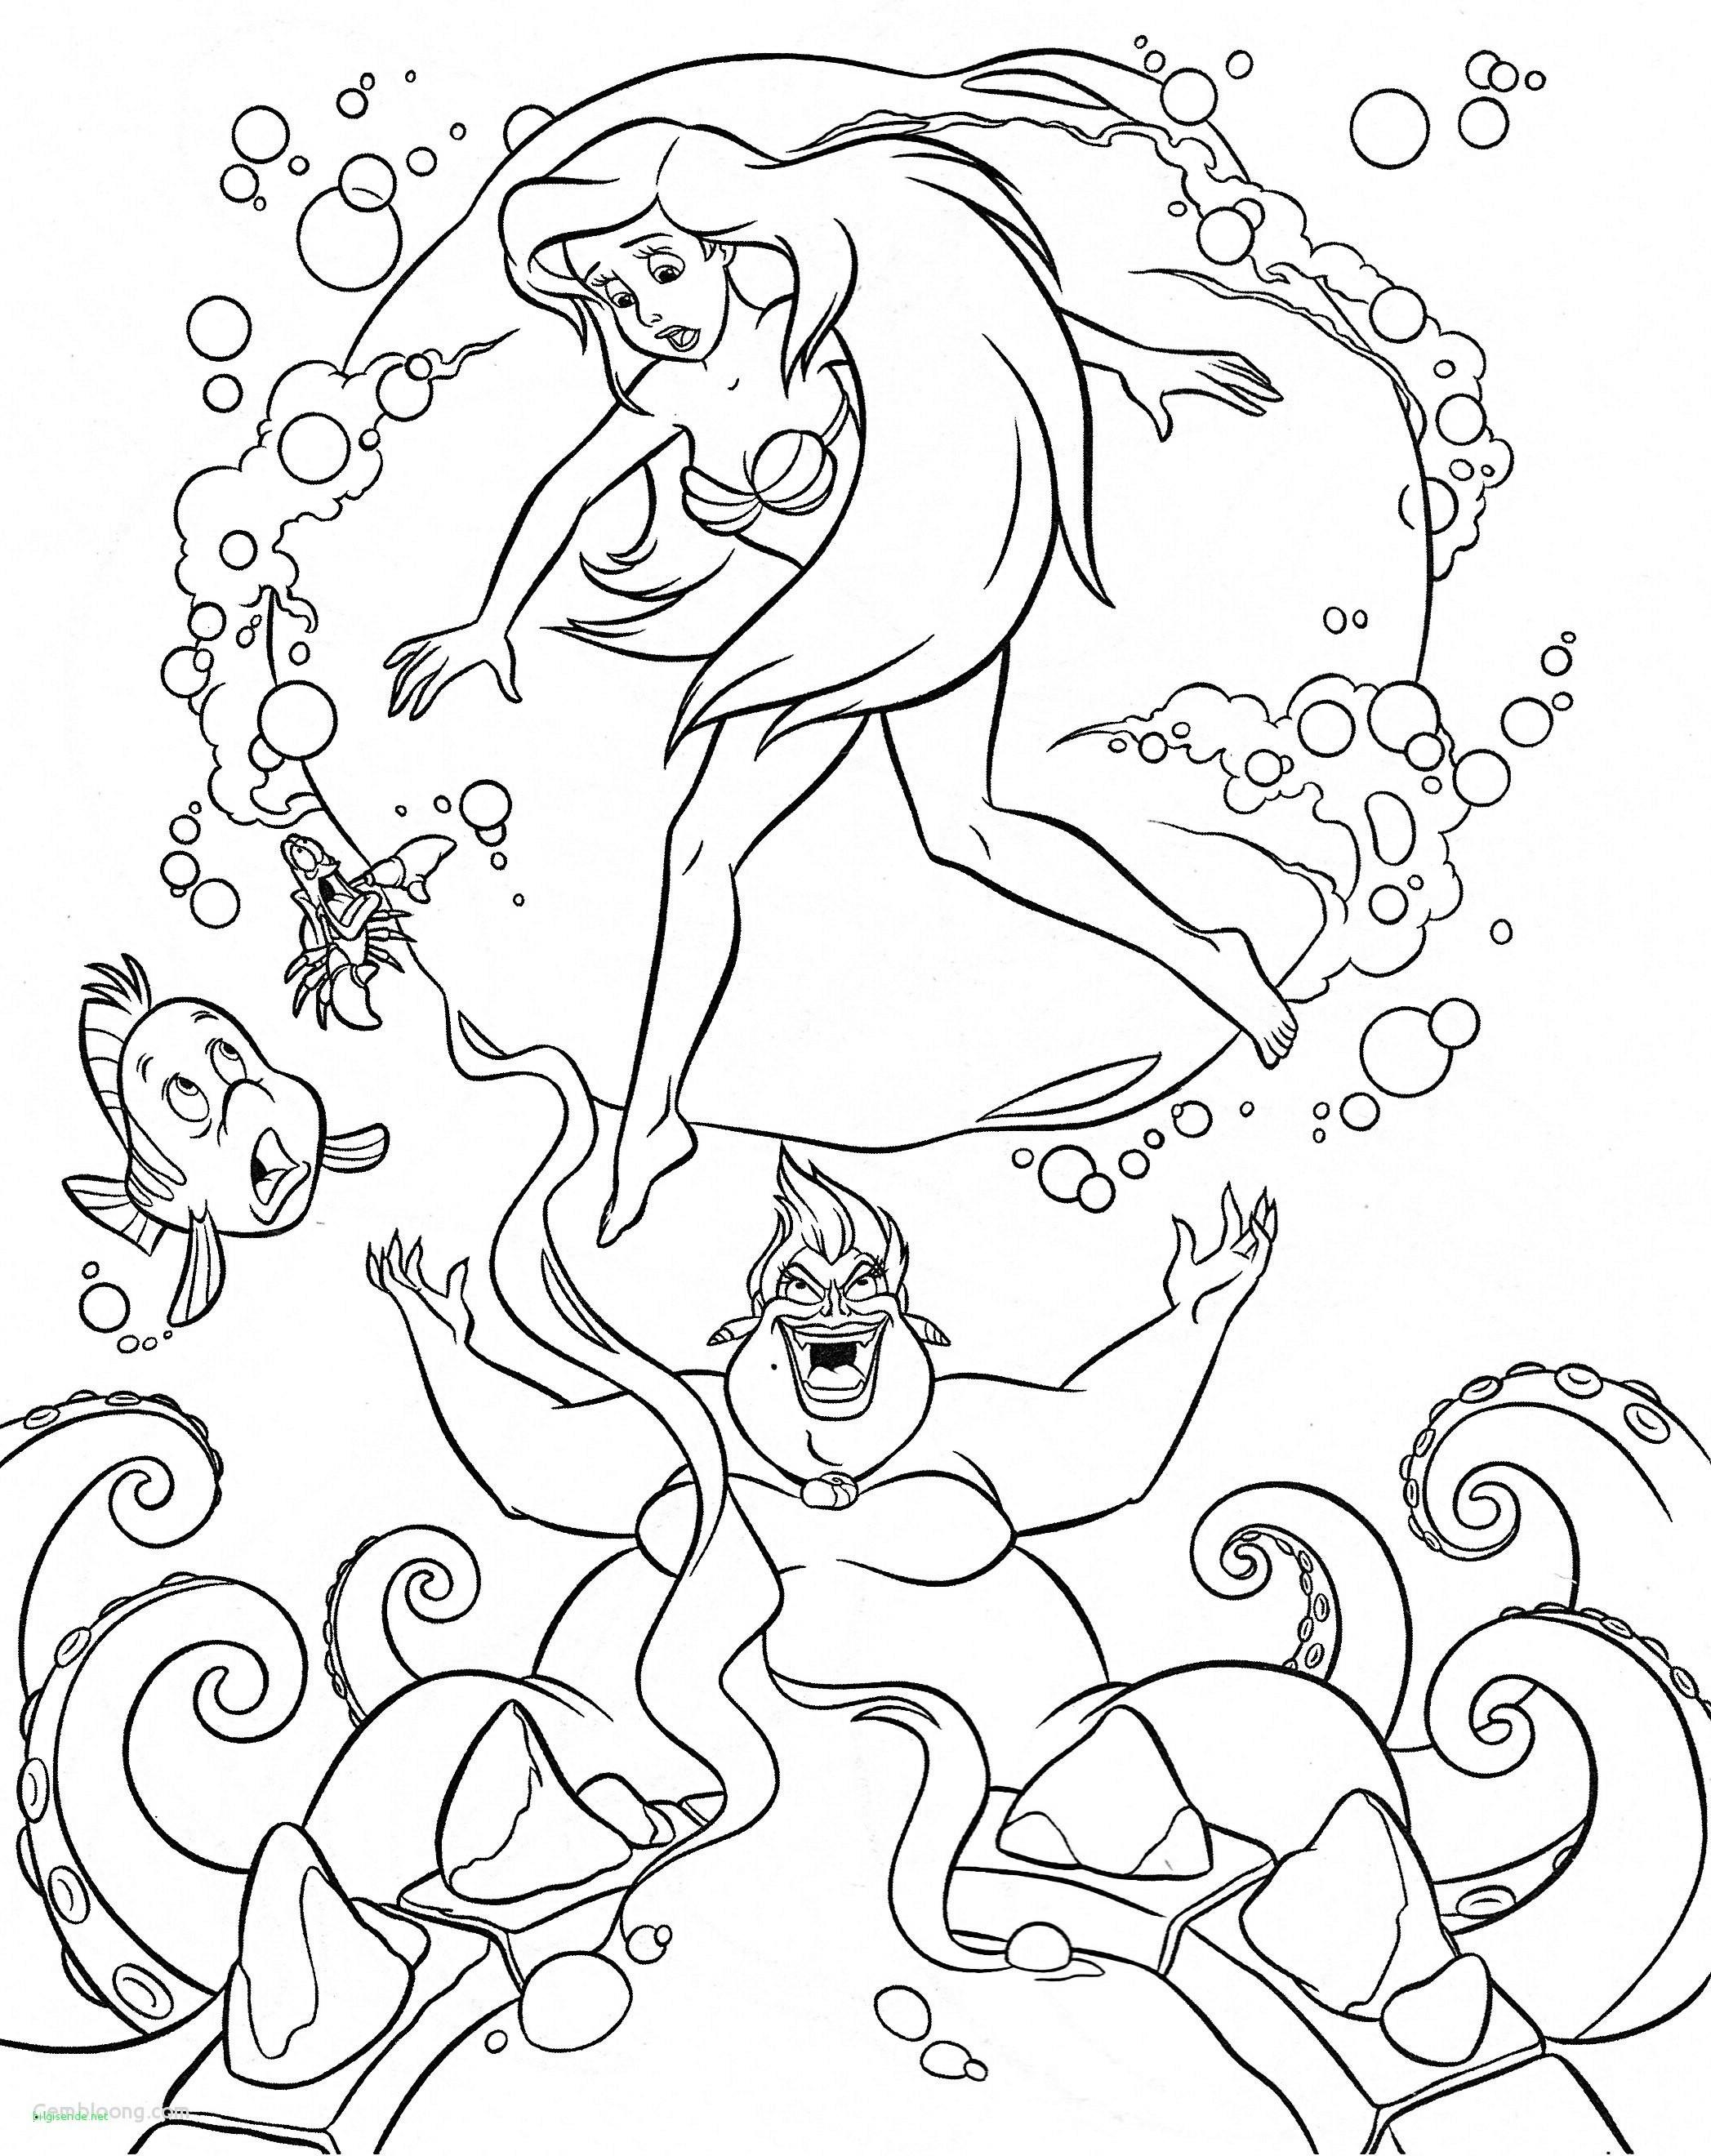 Ausmalbilder Disney Prinzessinnen Genial 40 Das Konzept Von Disney Princess Ausmalbilder Treehouse Nyc Bilder